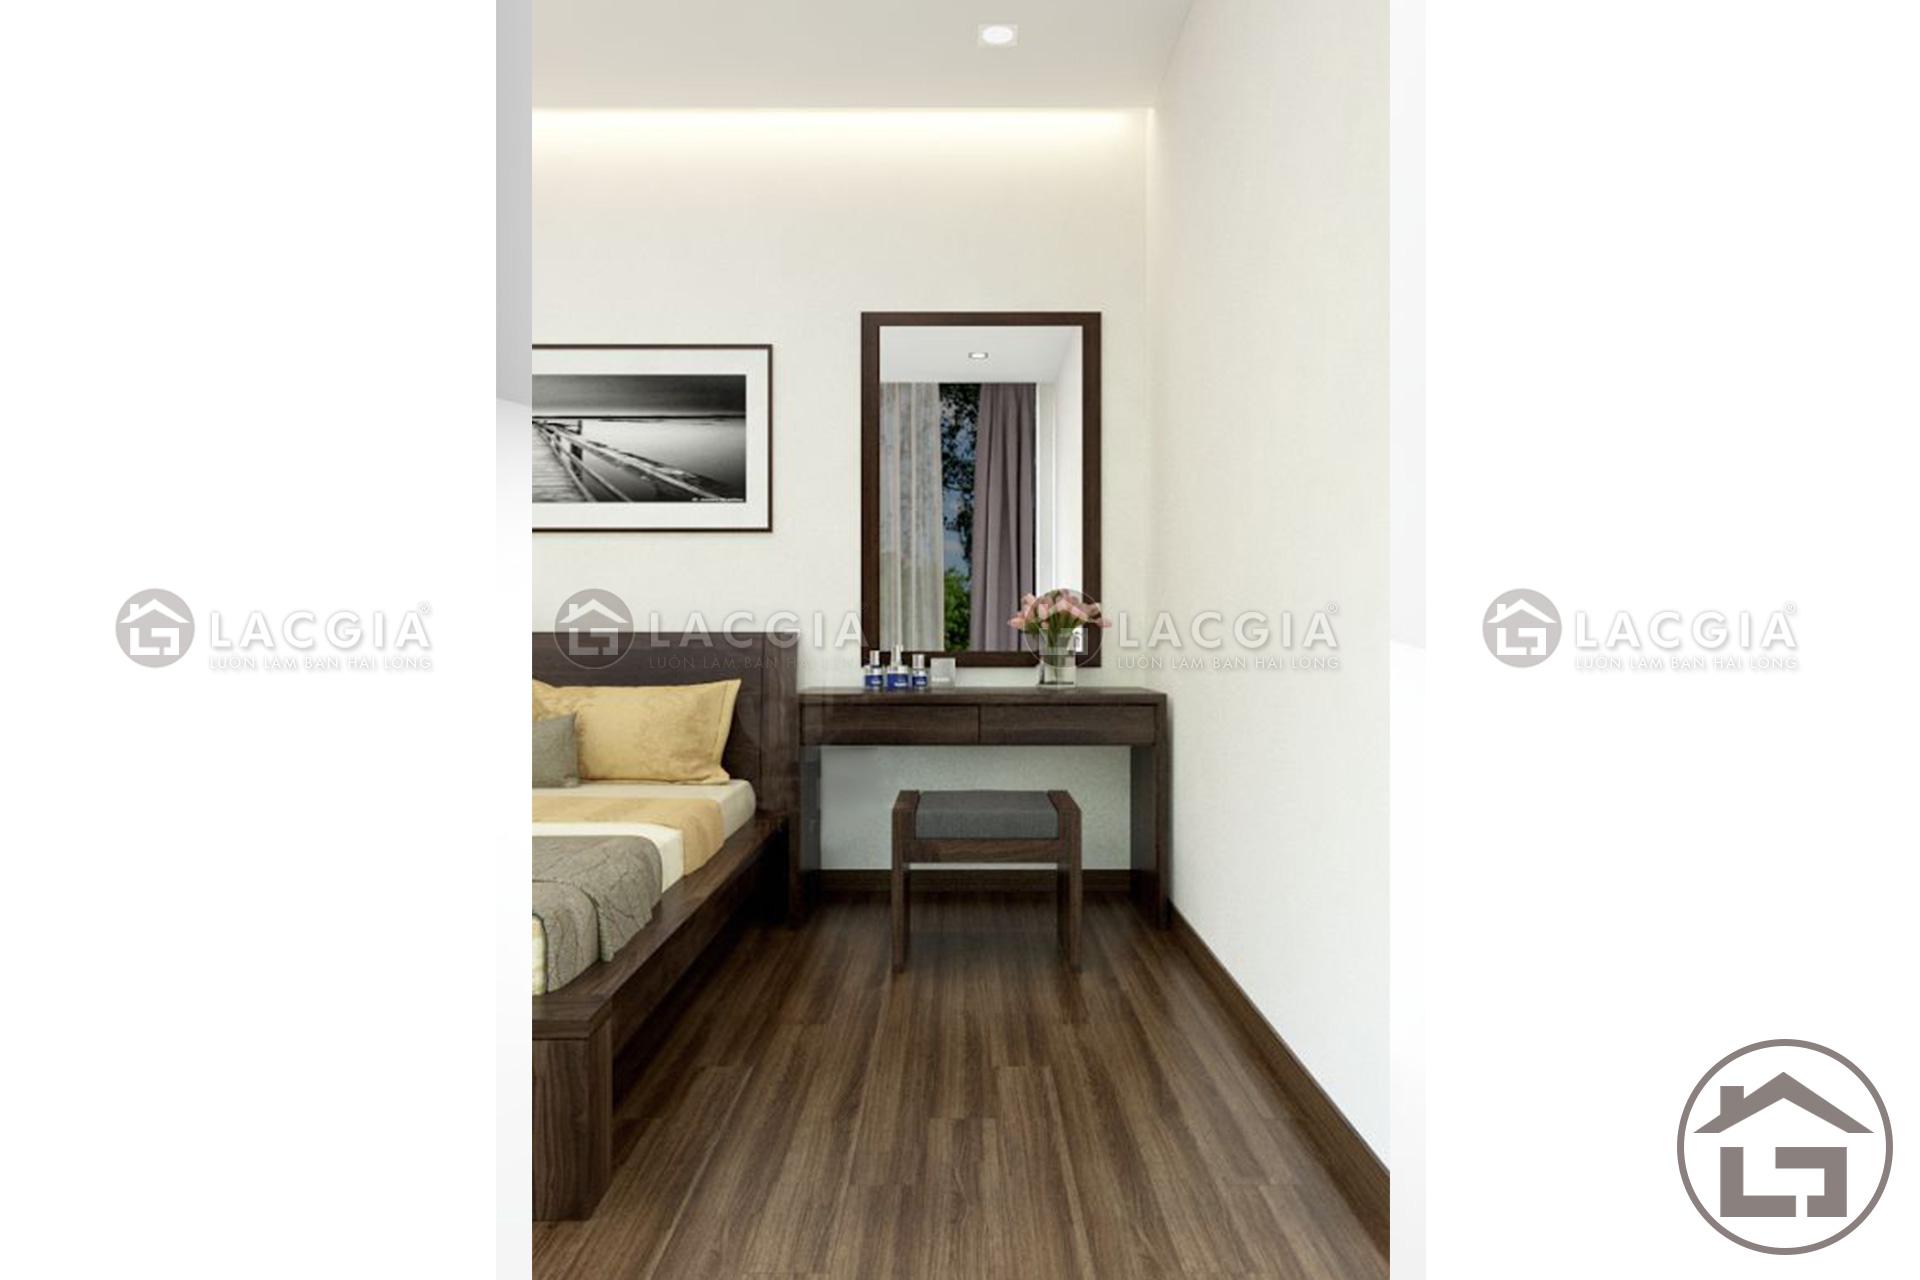 Chọn chất liệu gỗ bàn trang điểm gỗ phù hợp